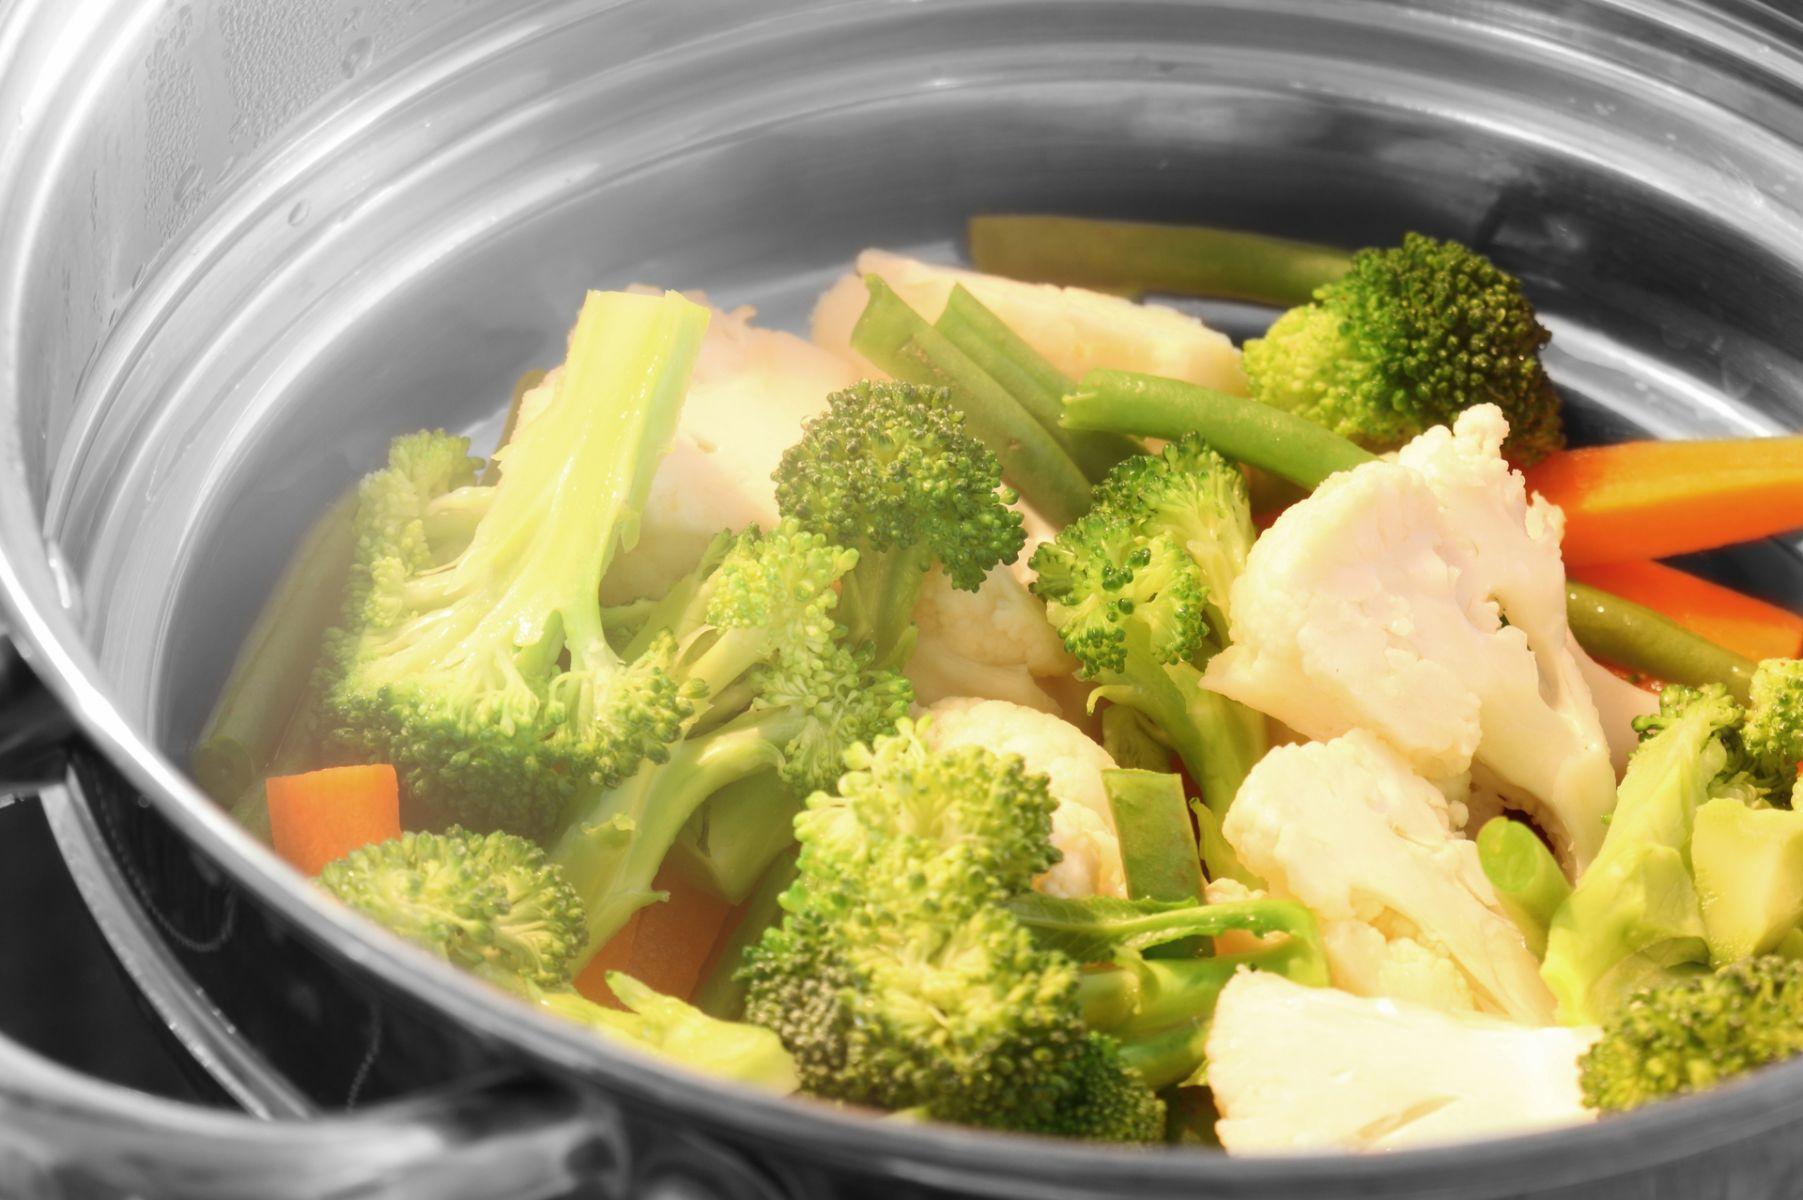 蔬菜用水煮、清蒸、快炒哪種營養素流失最少? 營養師實證告訴你